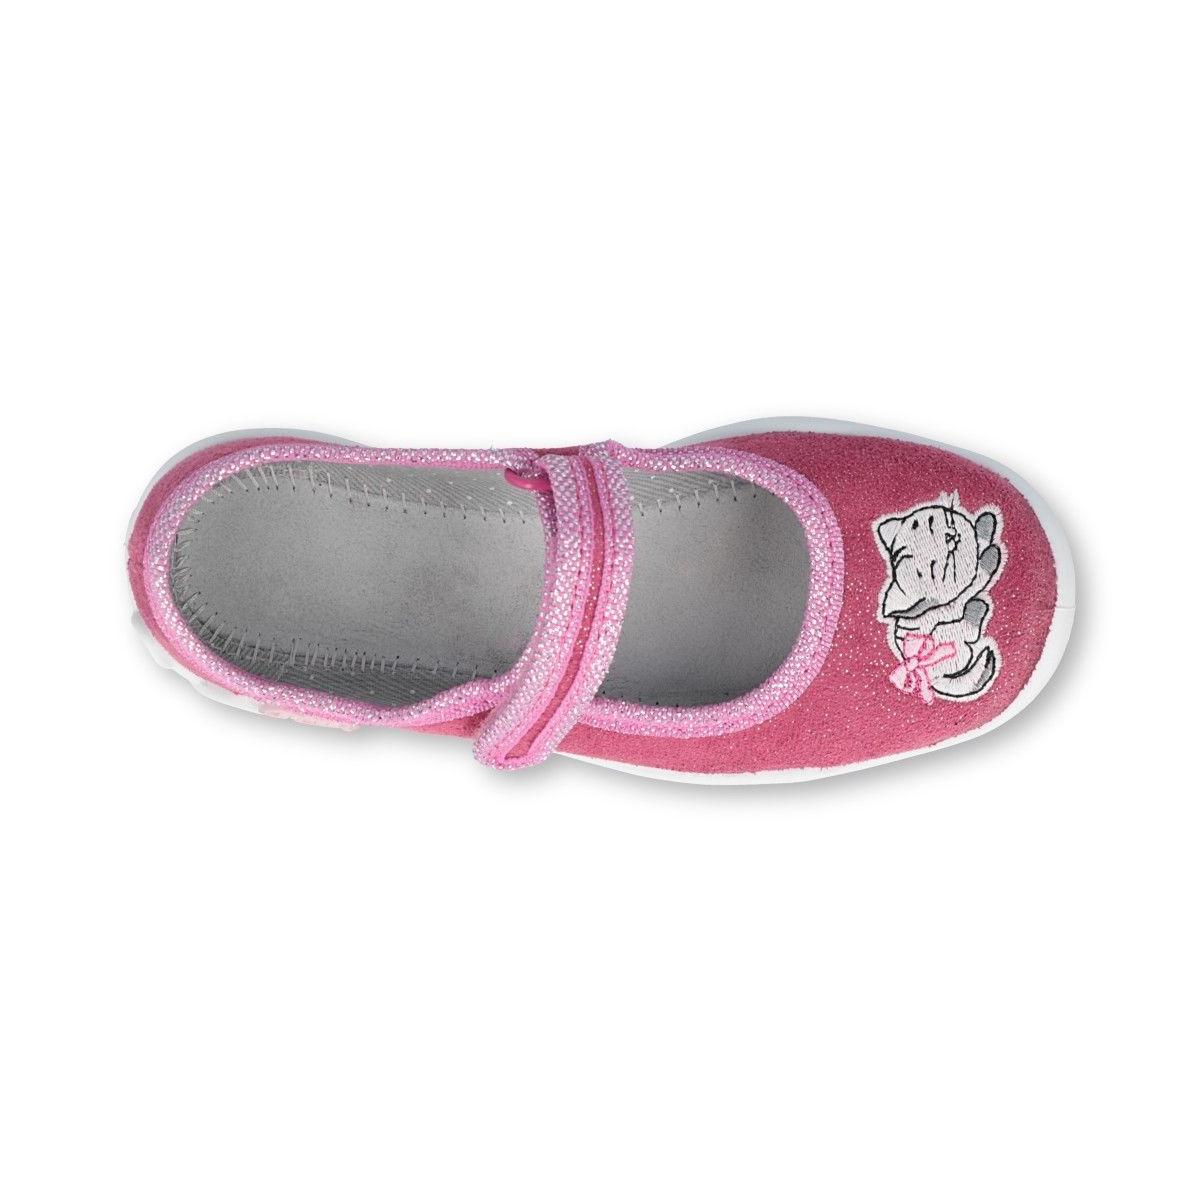 Befado baleriny kapcie tekstylne dla dziewczynki kotek różowe